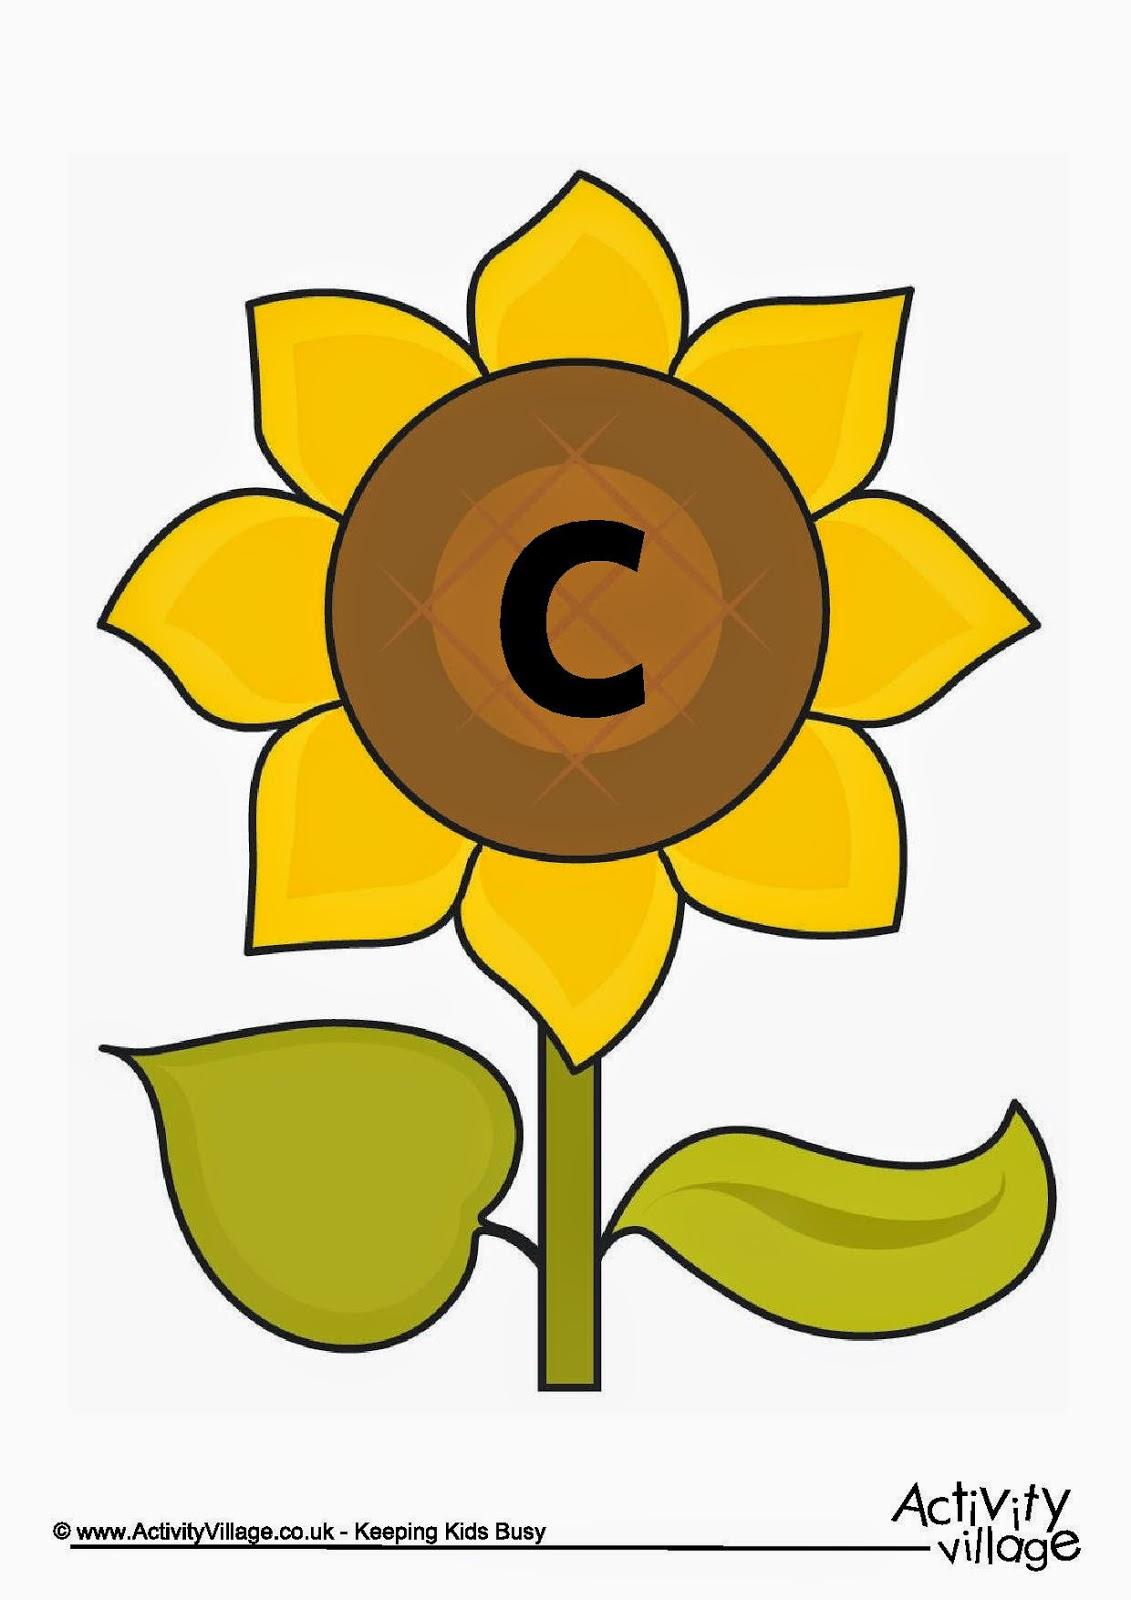 cartazes educativos alfabeto de primavera coloridos para imprimir